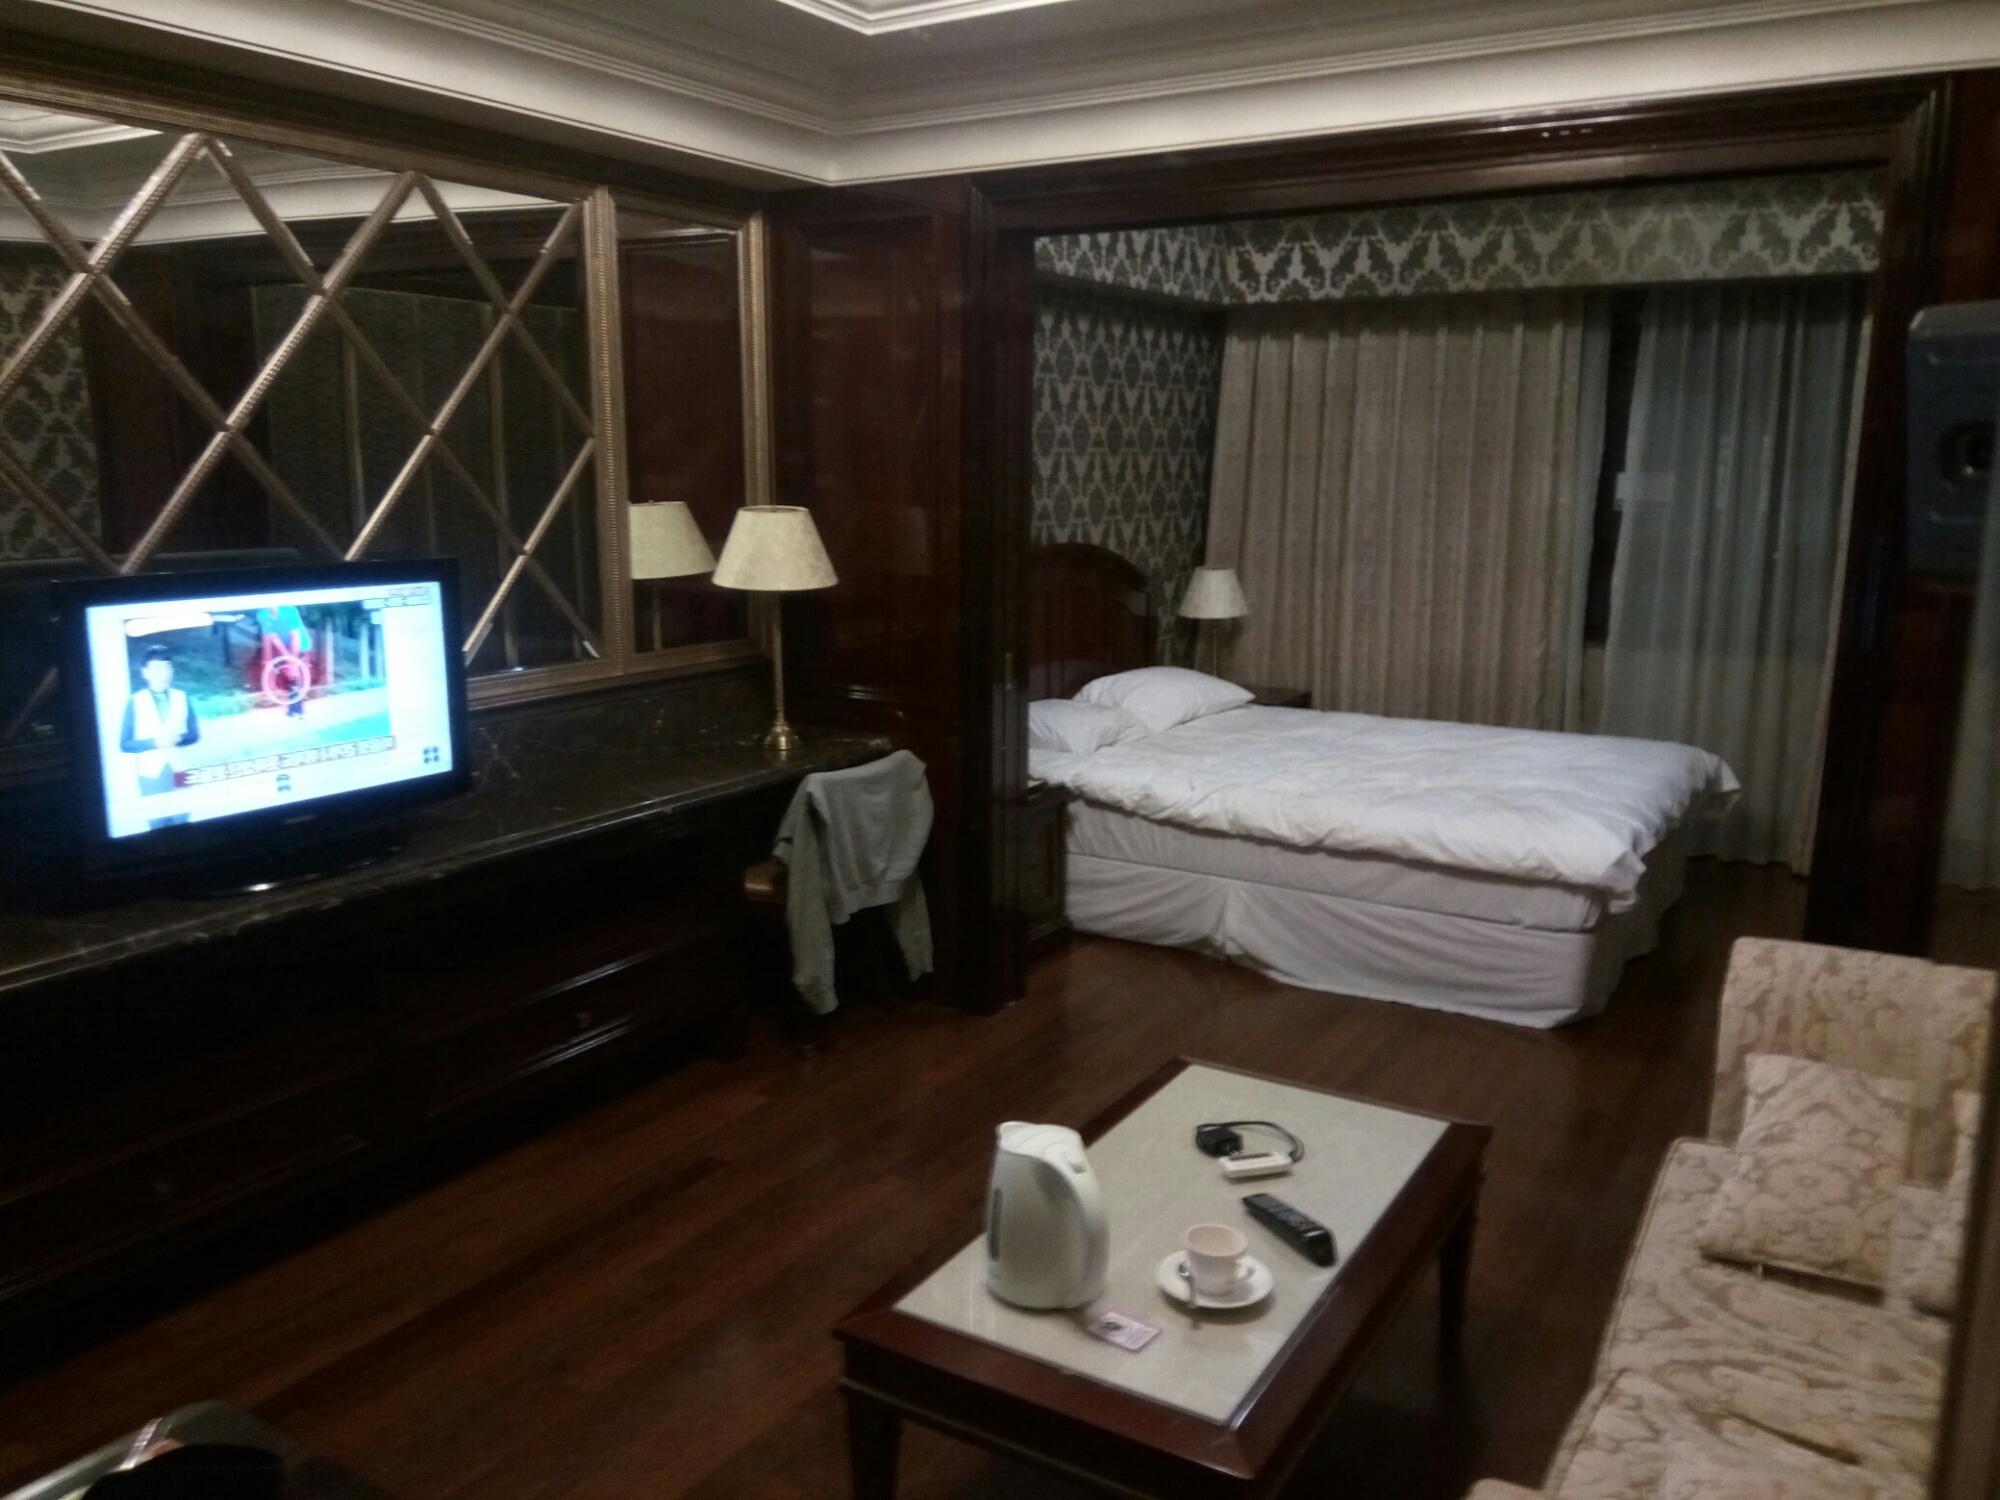 Южная Корея, Сеул, номер отеля Artnouveau